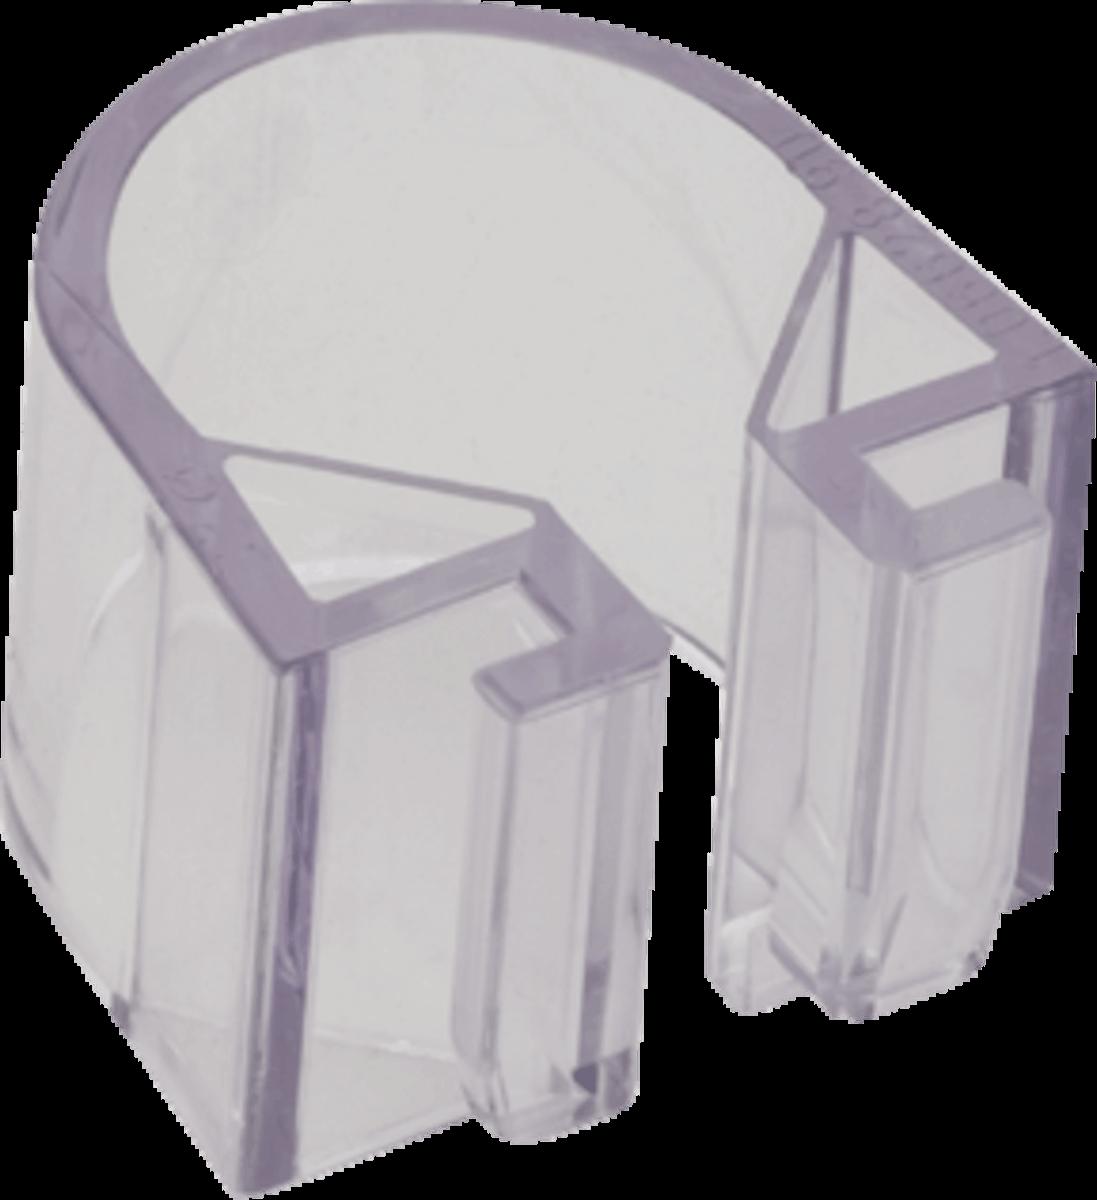 Hansgrohe Svorka průměr 18 mm pro misky na mýdlo Casetta Unica 96188000